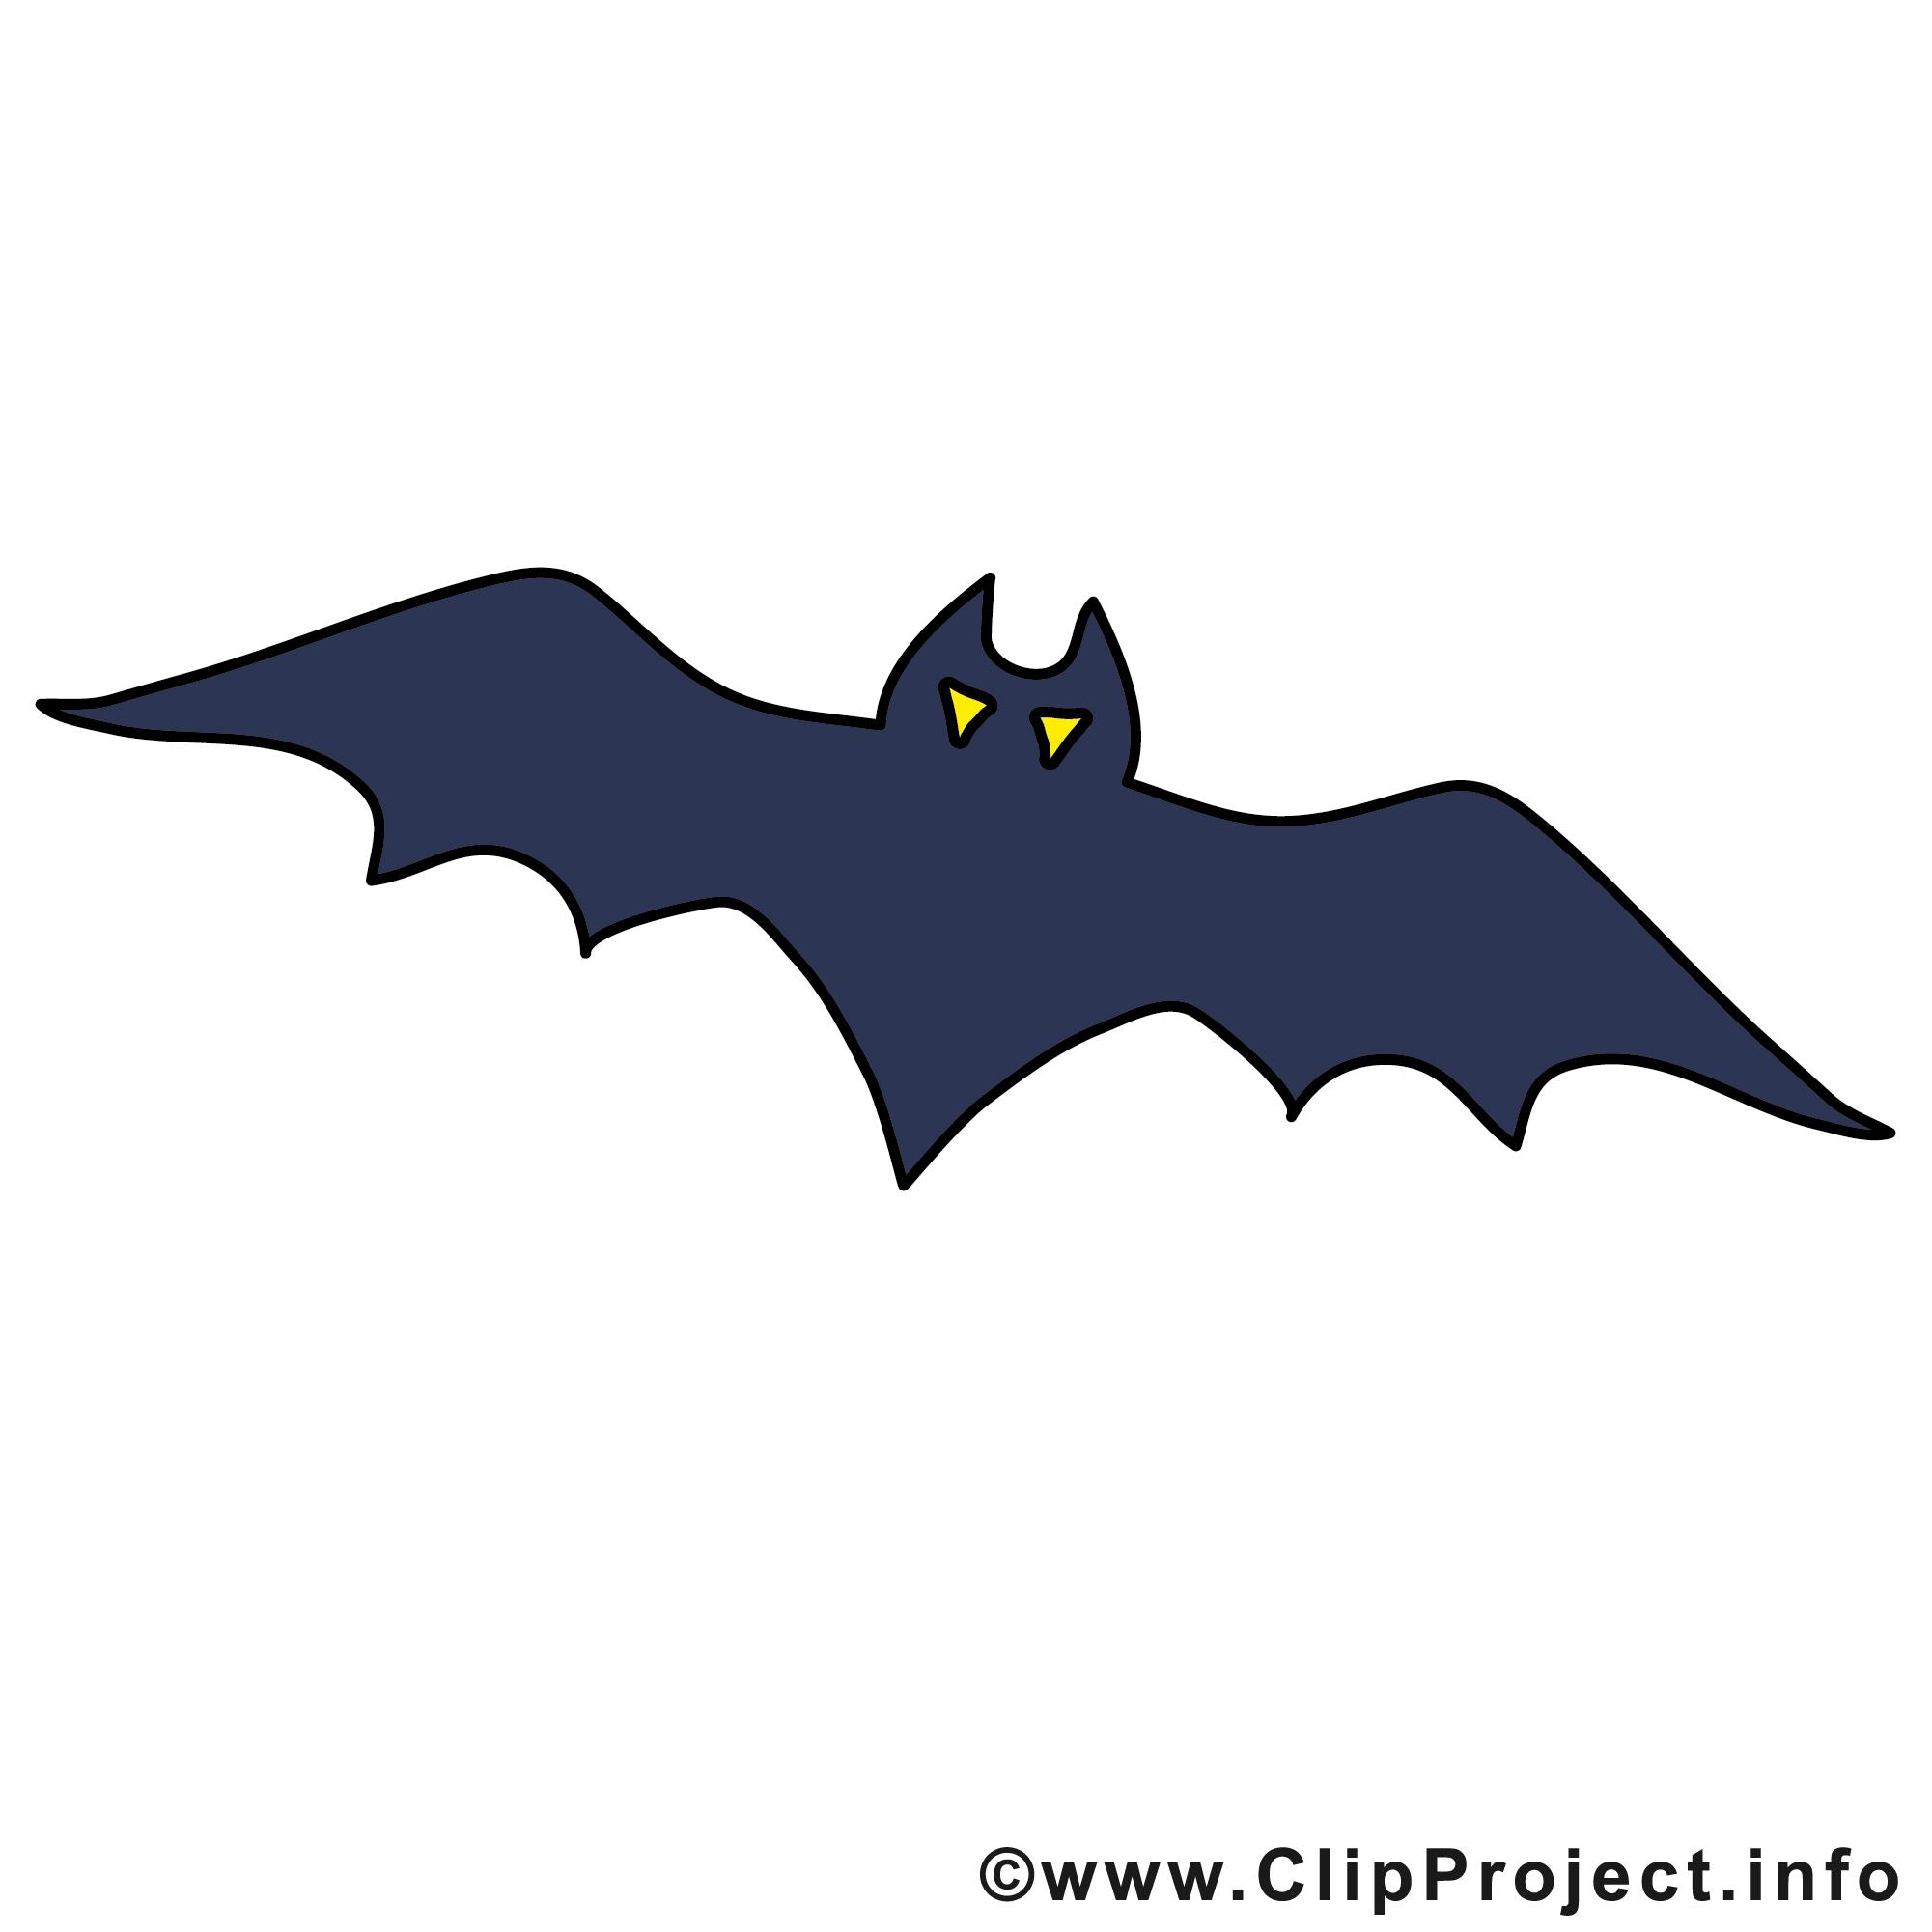 Chauve Souris Dessin Halloween.Dessin Chauve Souris Halloween Cliparts A Telecharger Halloween Dessin Picture Image Graphic Clip Art Telecharger Gratuit